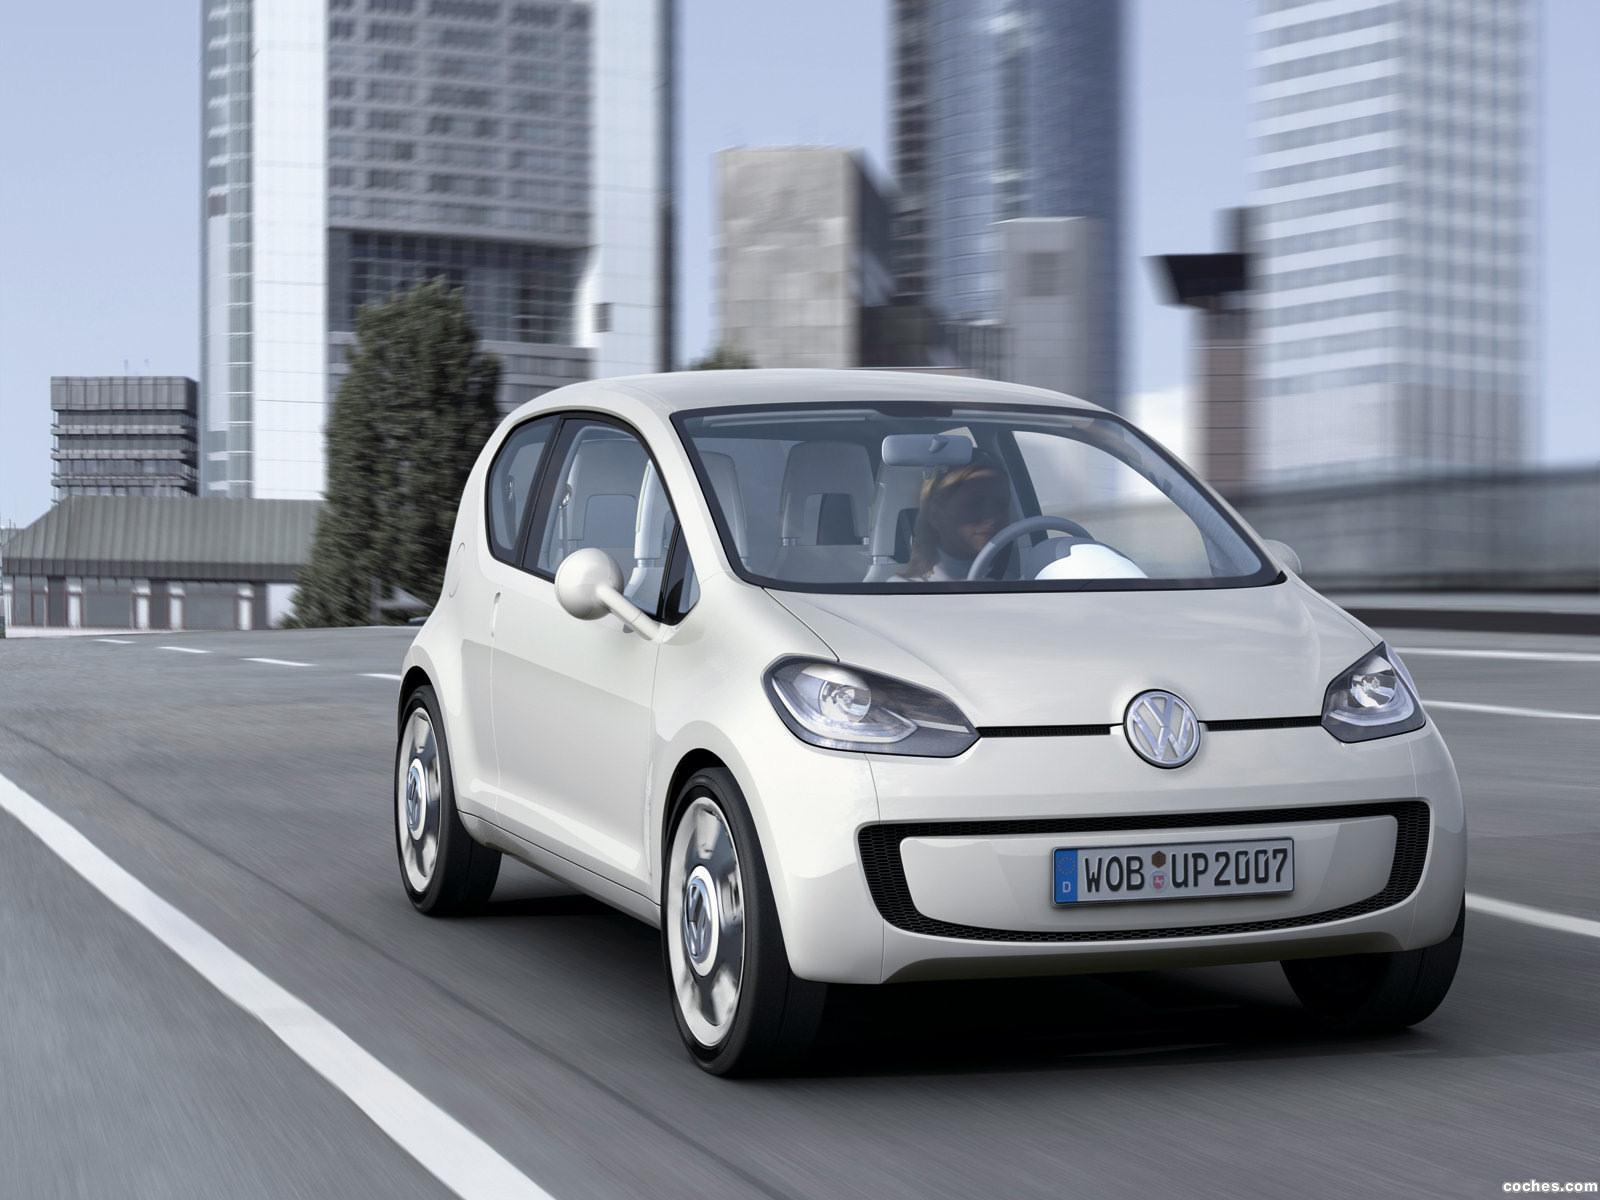 Foto 7 de Volkswagen Up! Concept 2007